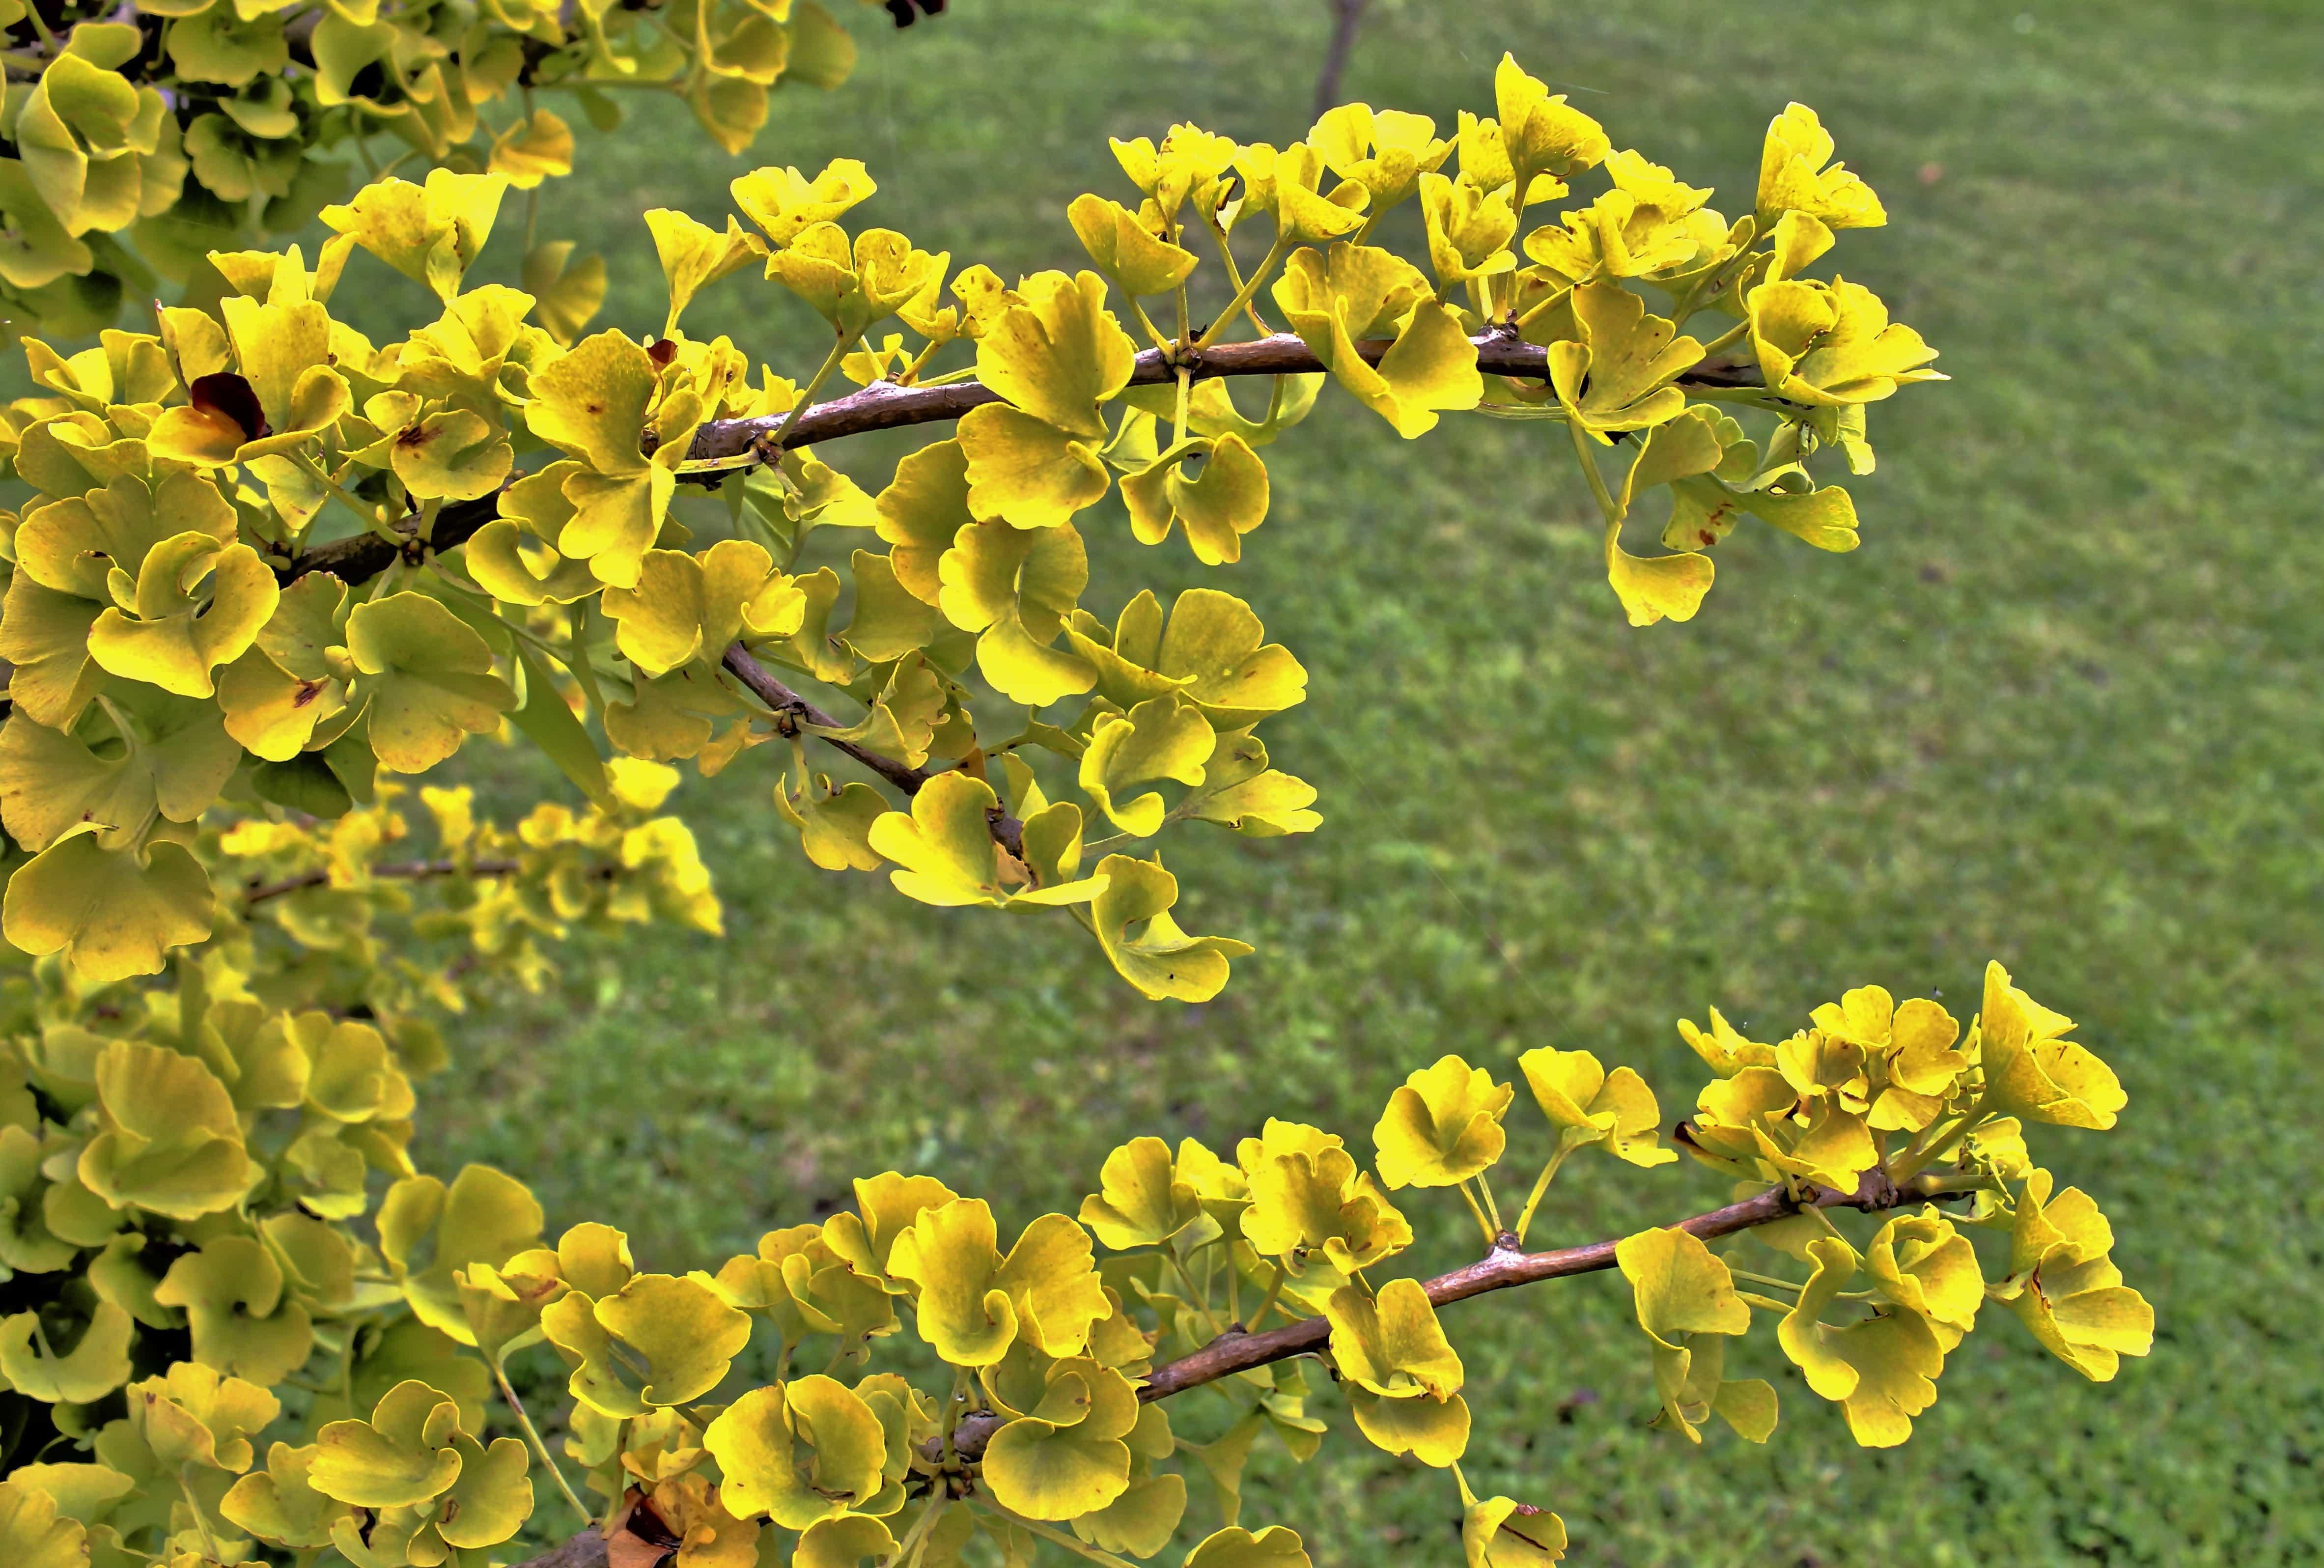 Cespuglio Fiori Gialli.Foto Gratis Arbusto Natura Foglia Fiore Giallo Albero Pianta